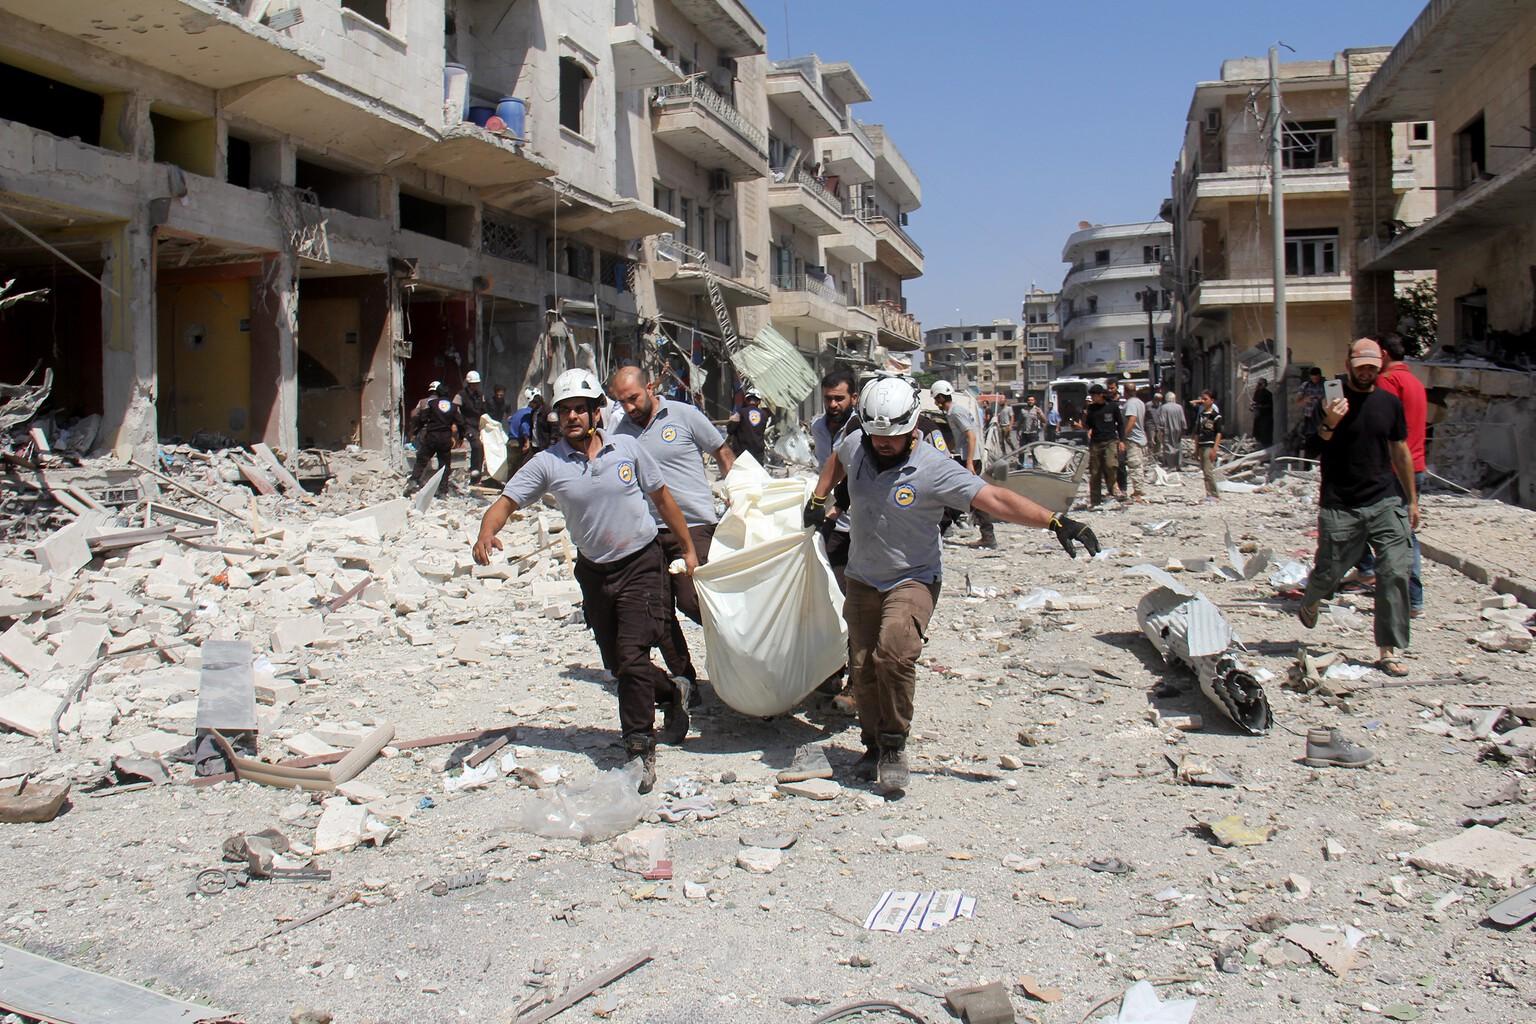 Aleppo, orosz bombázás után 2016-ban #moszkvater